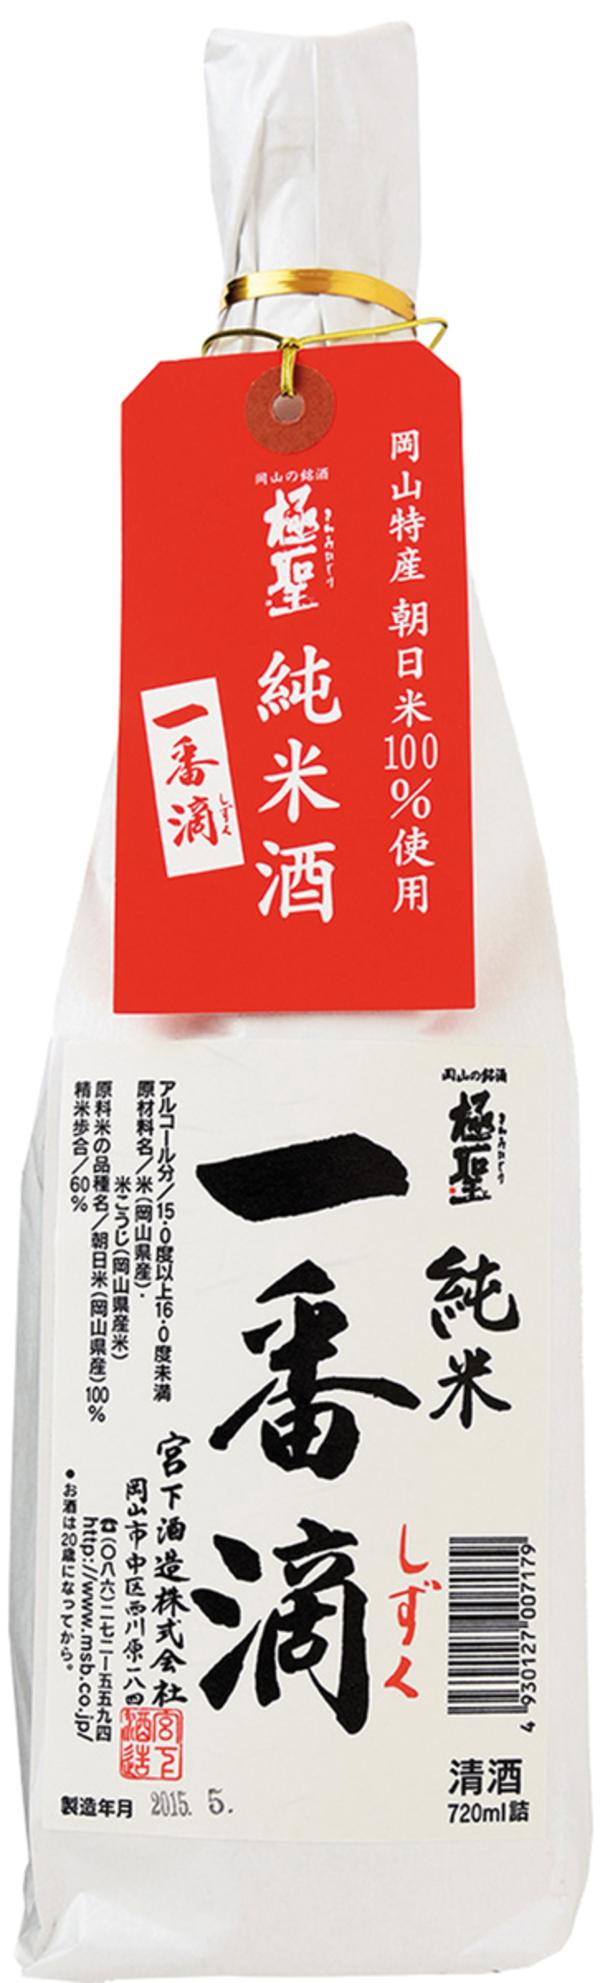 Chugoku-Jozo Ichiban Chizuku Sake 0,72L   - Sake, Japan, trocken, 0.7200 l